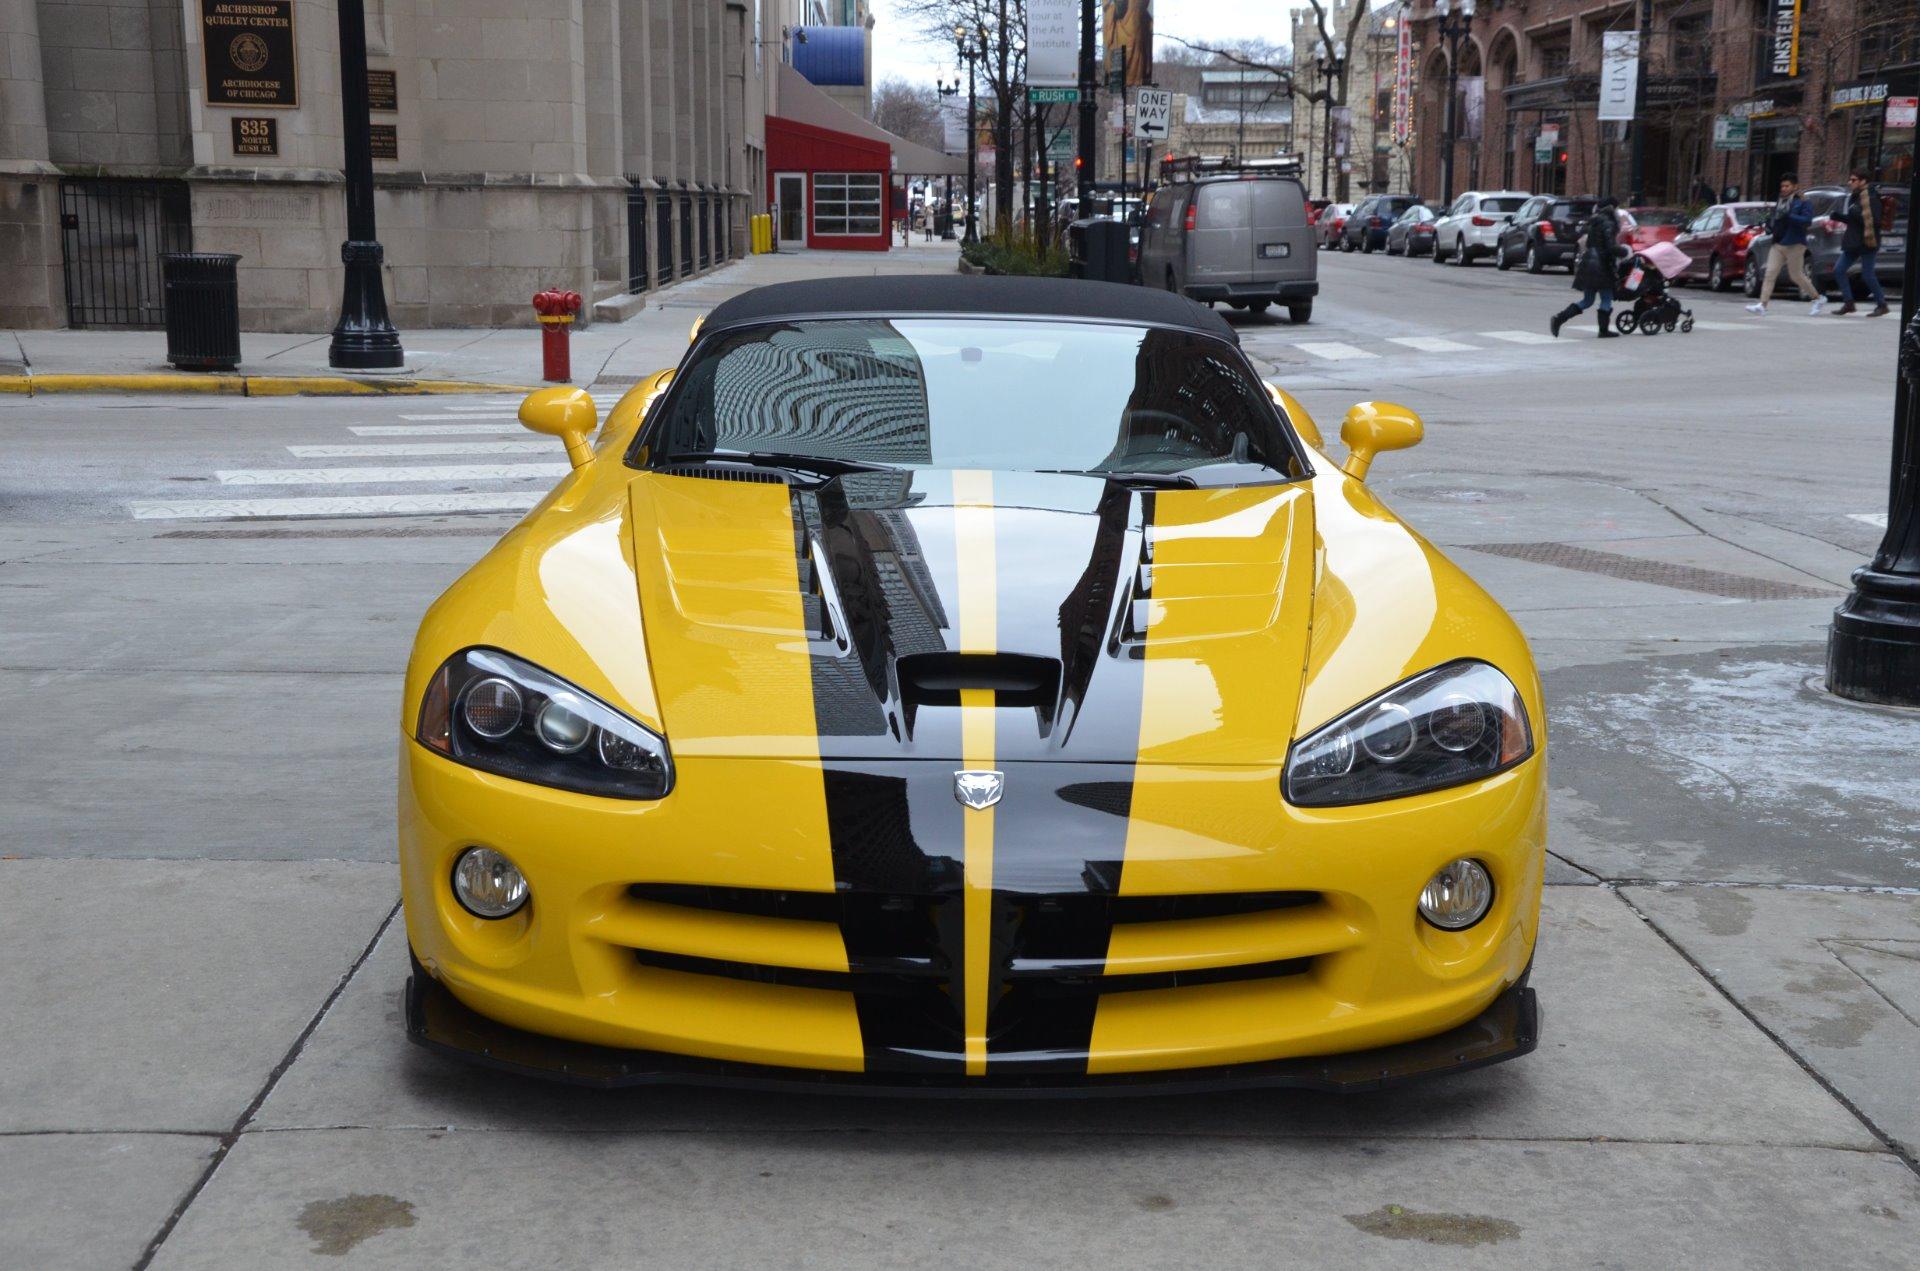 Used 2010 dodge viper srt 10 chicago il